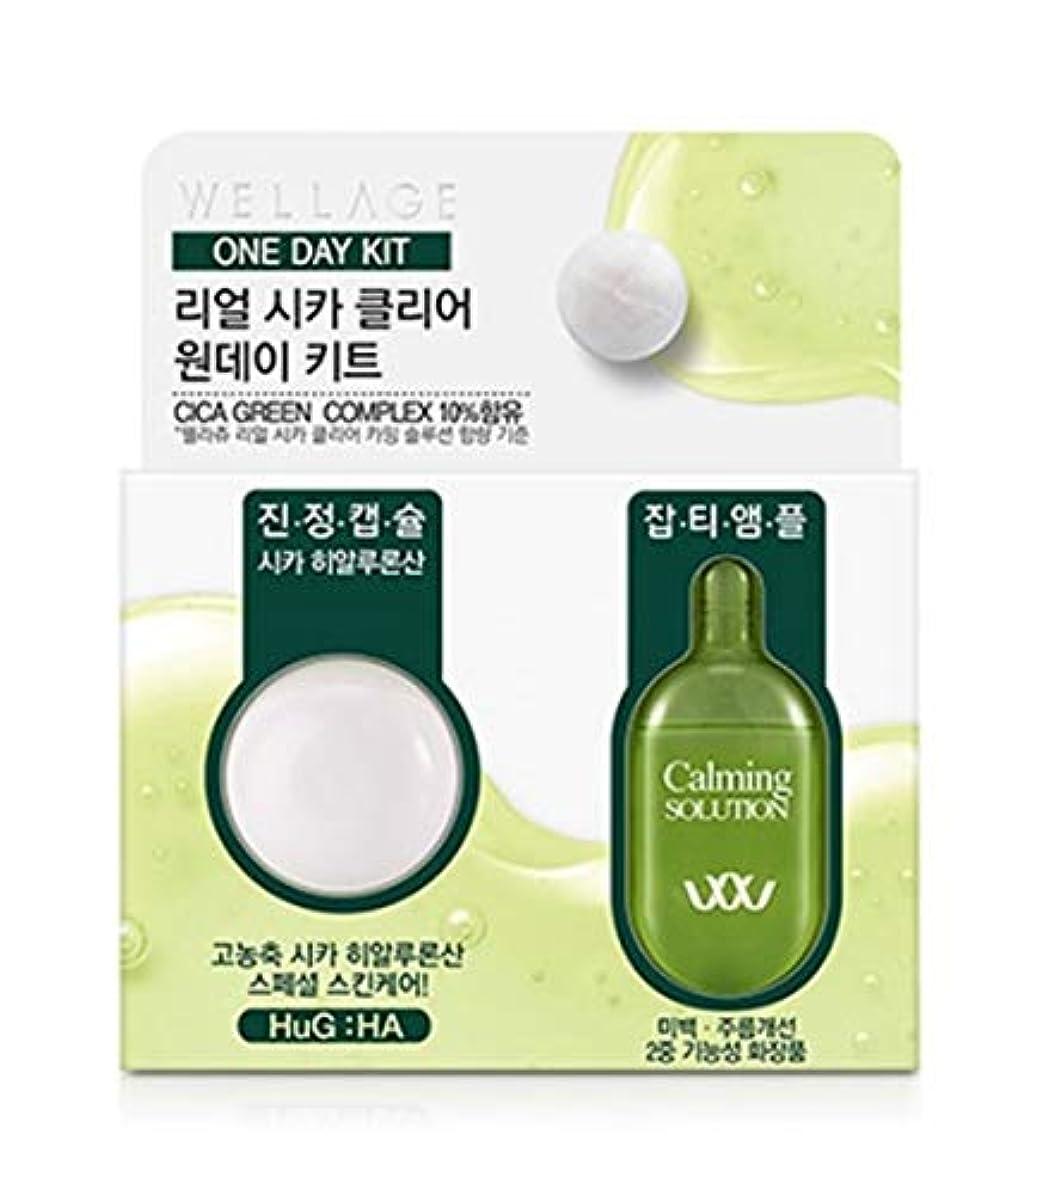 兵器庫お手伝いさん肉Wellageウェレッジリアル1日キットCICAクリアアンプルカプセル 韓国の人気化粧品ブランドの基礎化粧アンプル、カプセル、女性の肌鎮静スキンケア